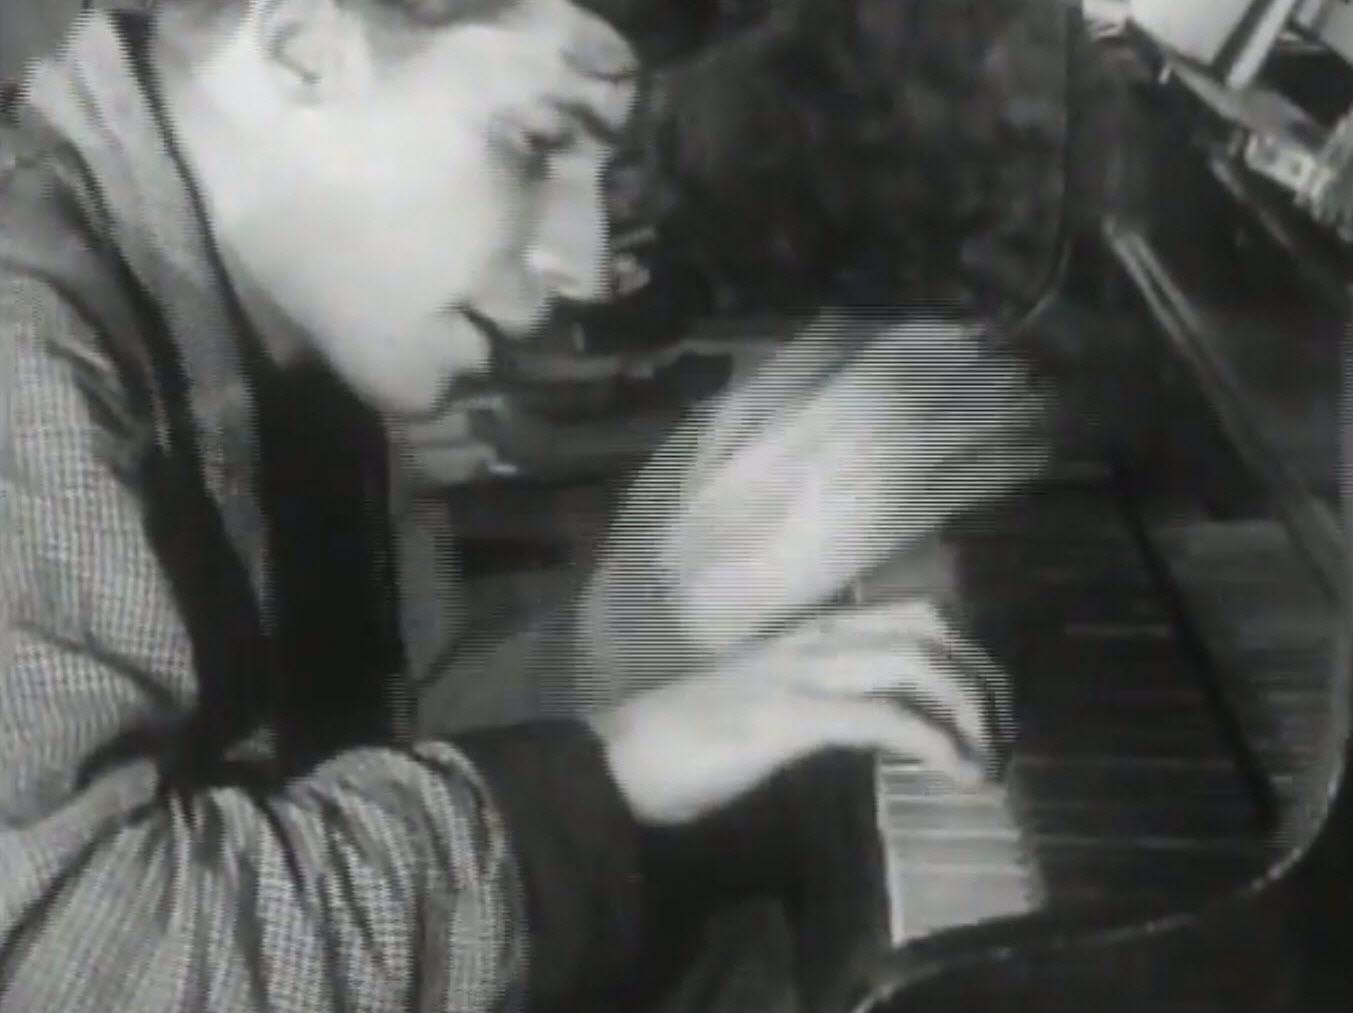 mani Glenn Gould posizione